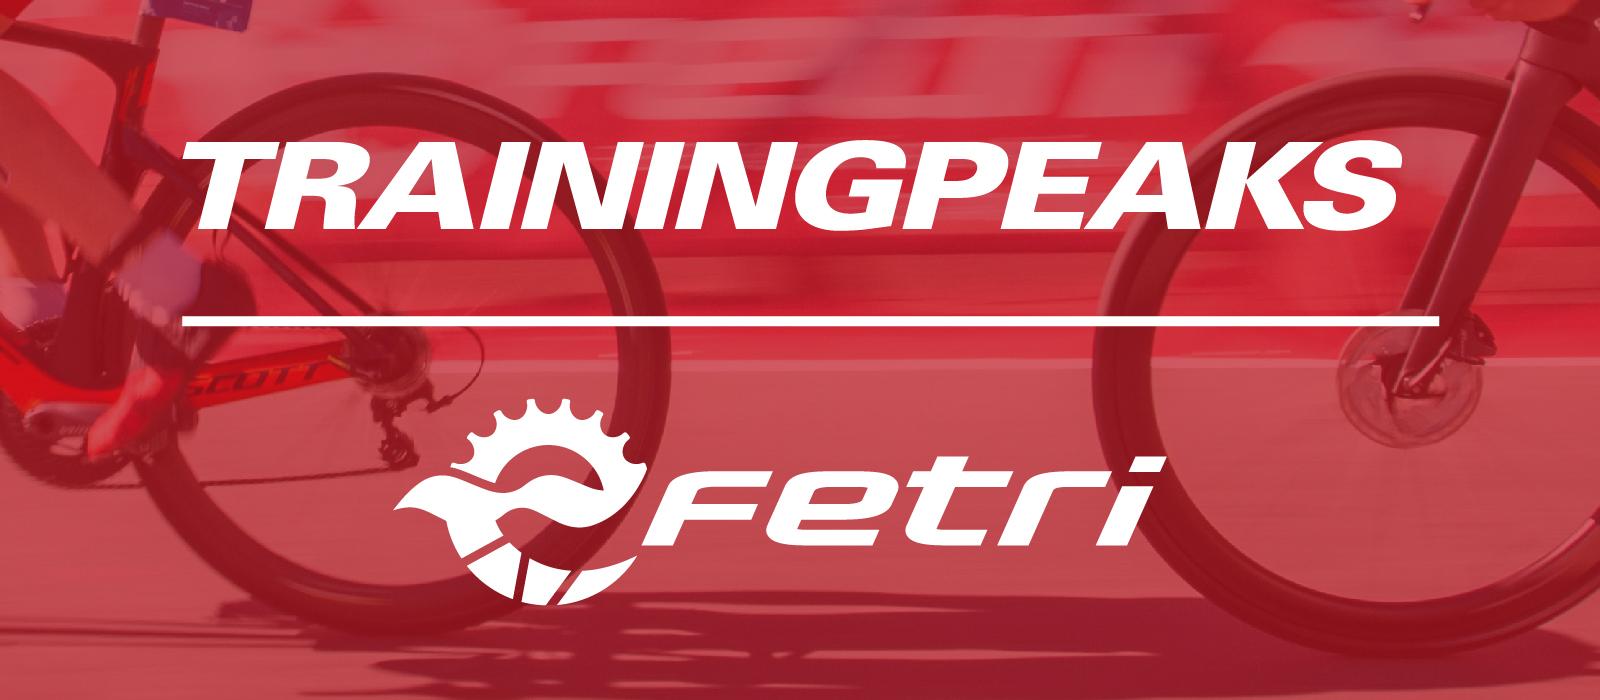 La FETRI anuncia su acuerdo de colaboración con Training Peaks